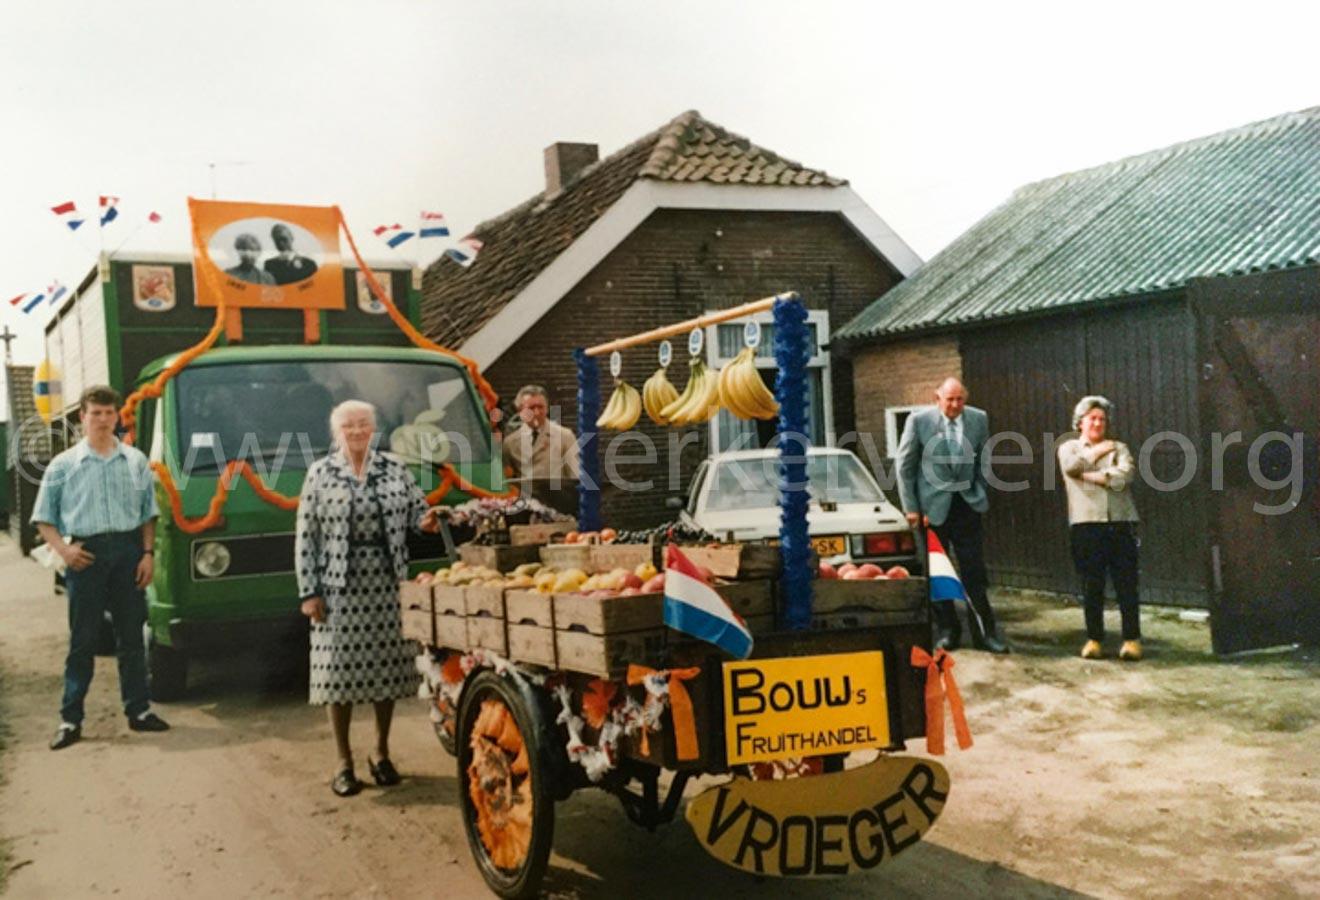 Groentehandel Bouw Nijkerkerveen